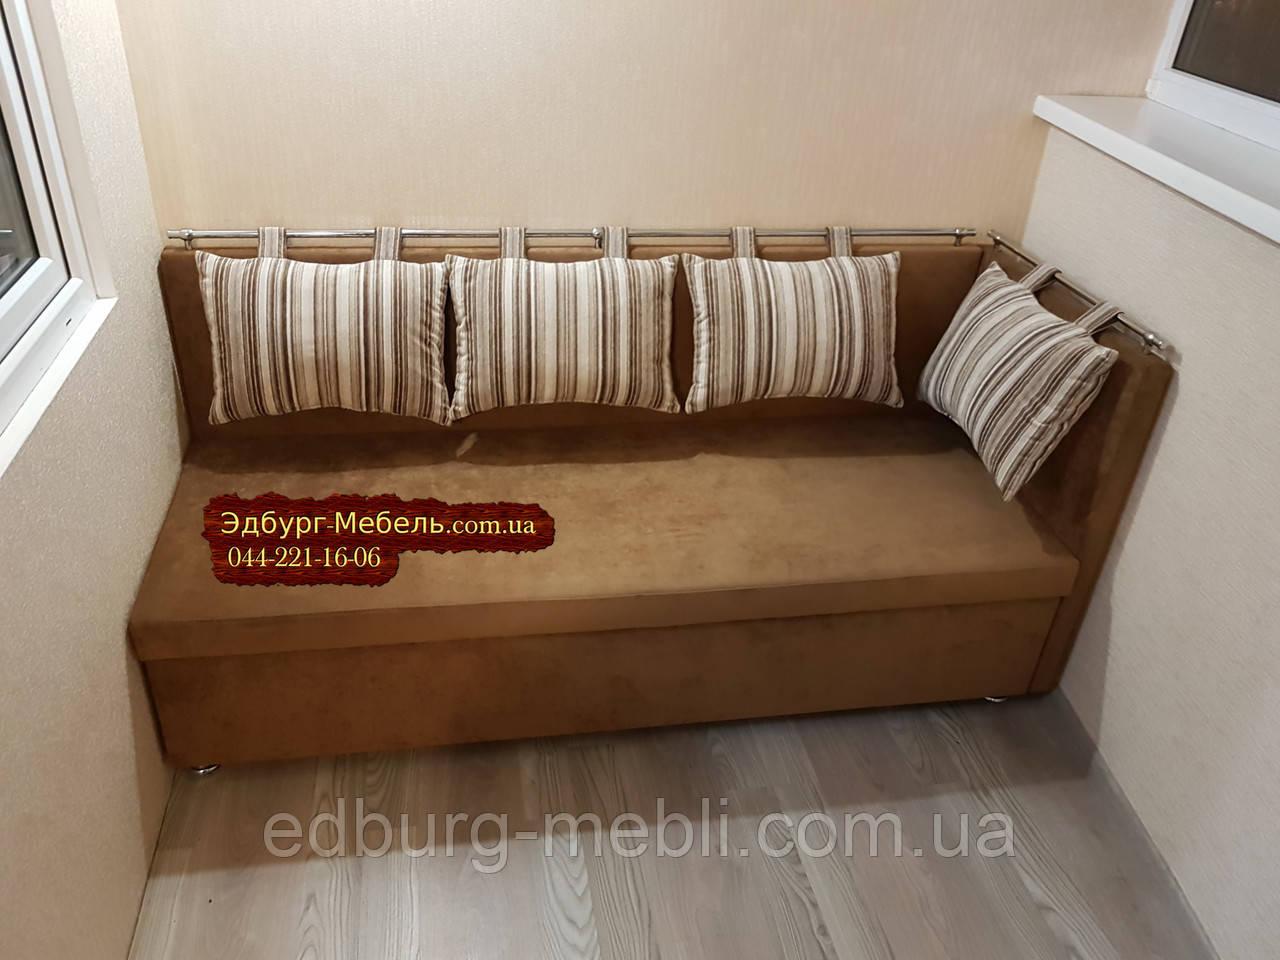 Диван для кухни балкона со спальником 1800х650мм